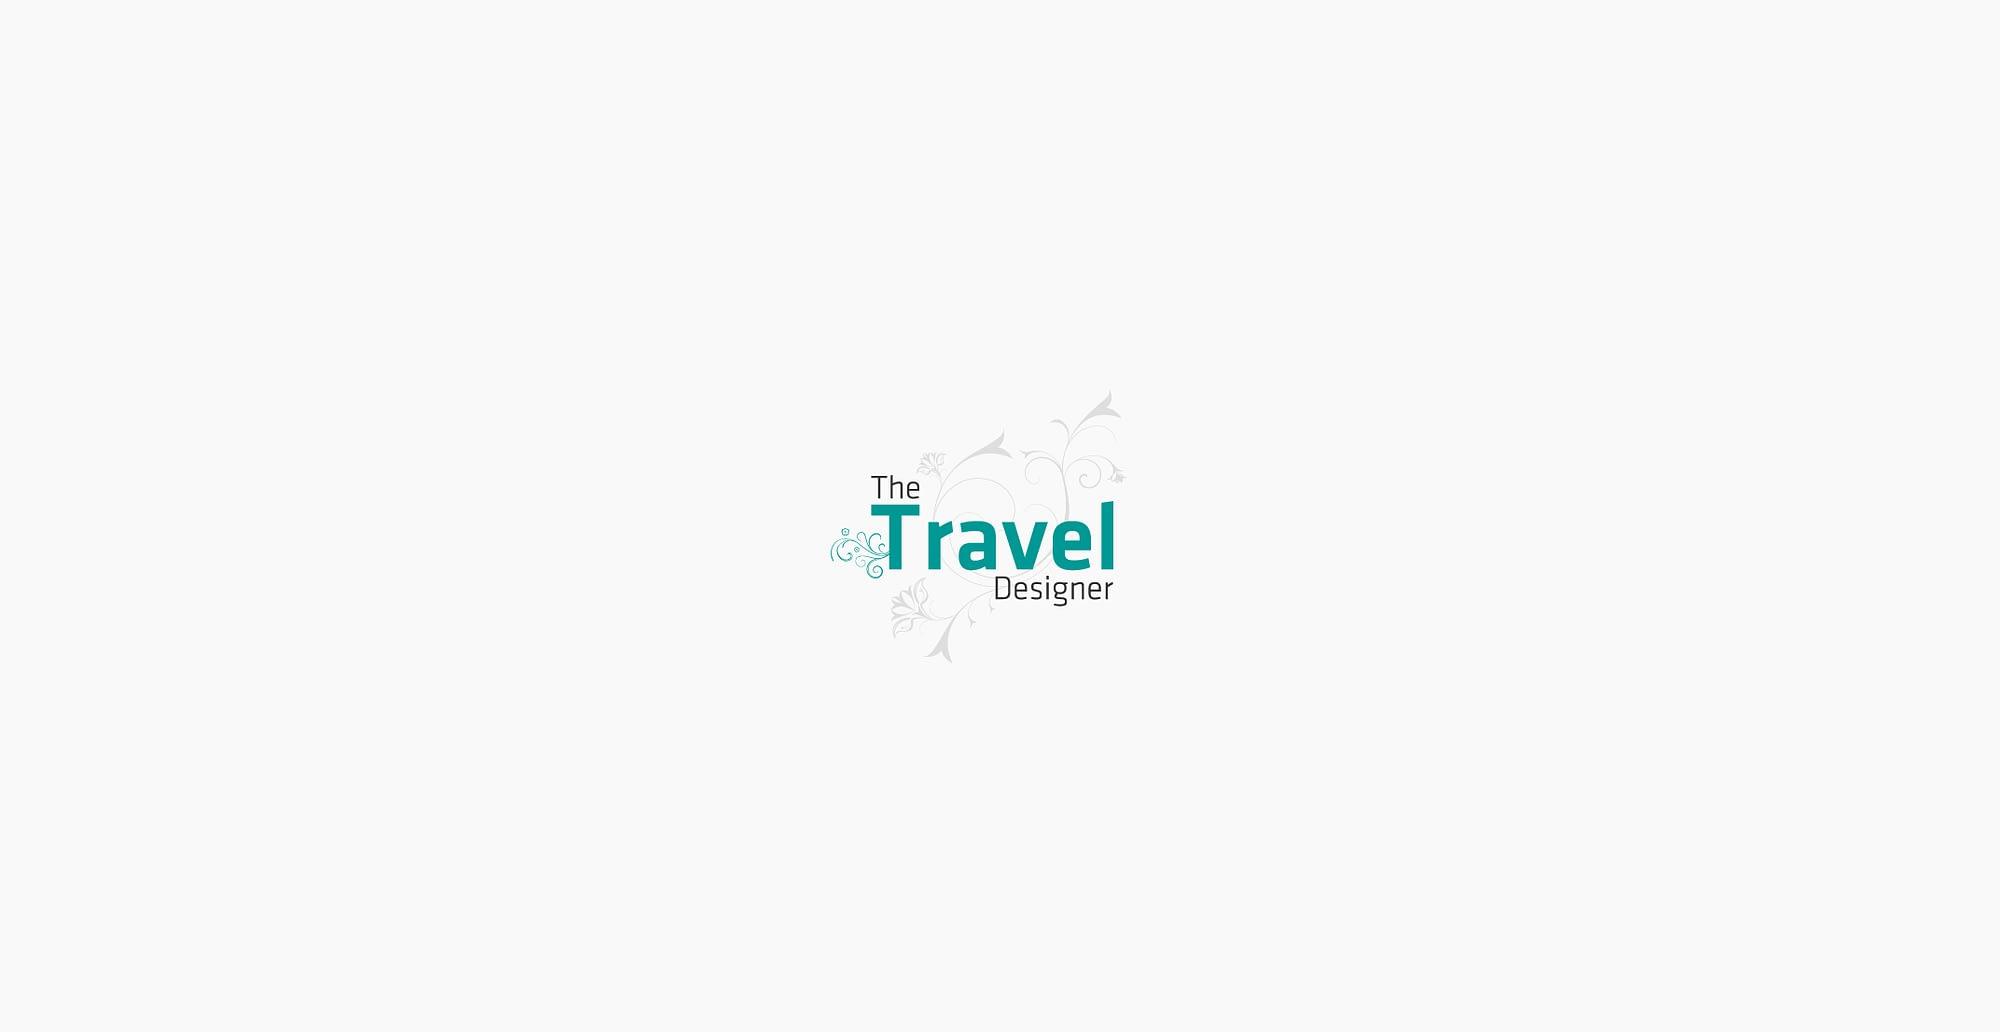 Logo designe for The Travel Designer